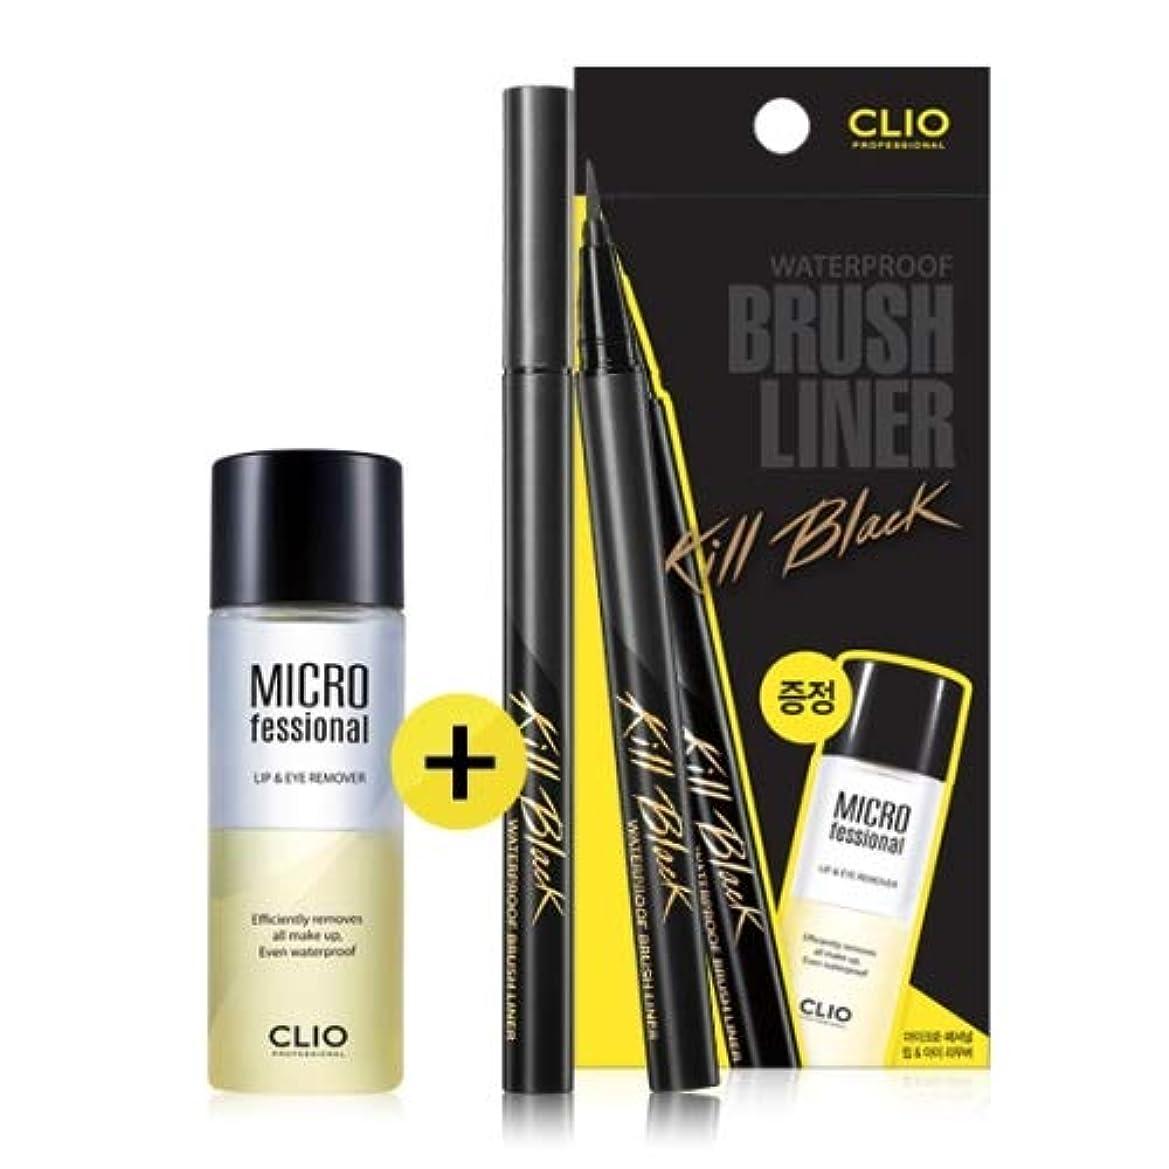 回想避けられない科学者クリオ キル ブラック ウォータープルーフ ブラシライナー CLIO Waterproof Brush Liner + Lip and Eye Remover # Kill Black [並行輸入品]